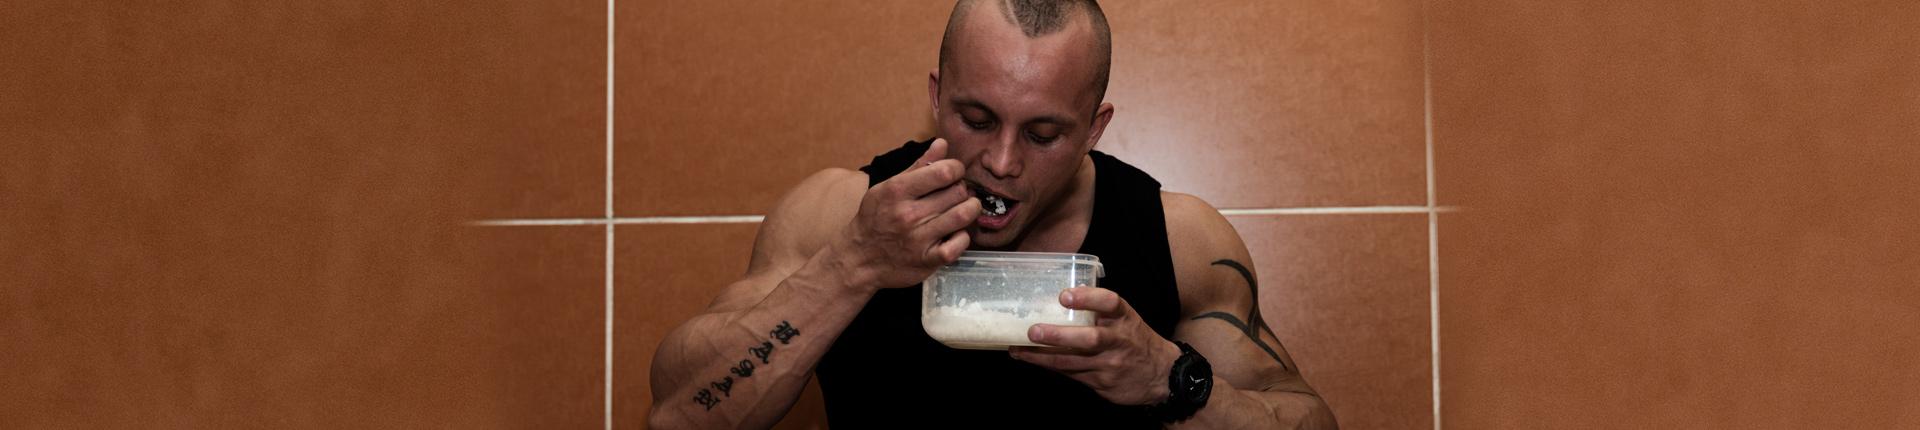 Dieta przyspieszająca metabolizm dla początkujących - efekty i zasady